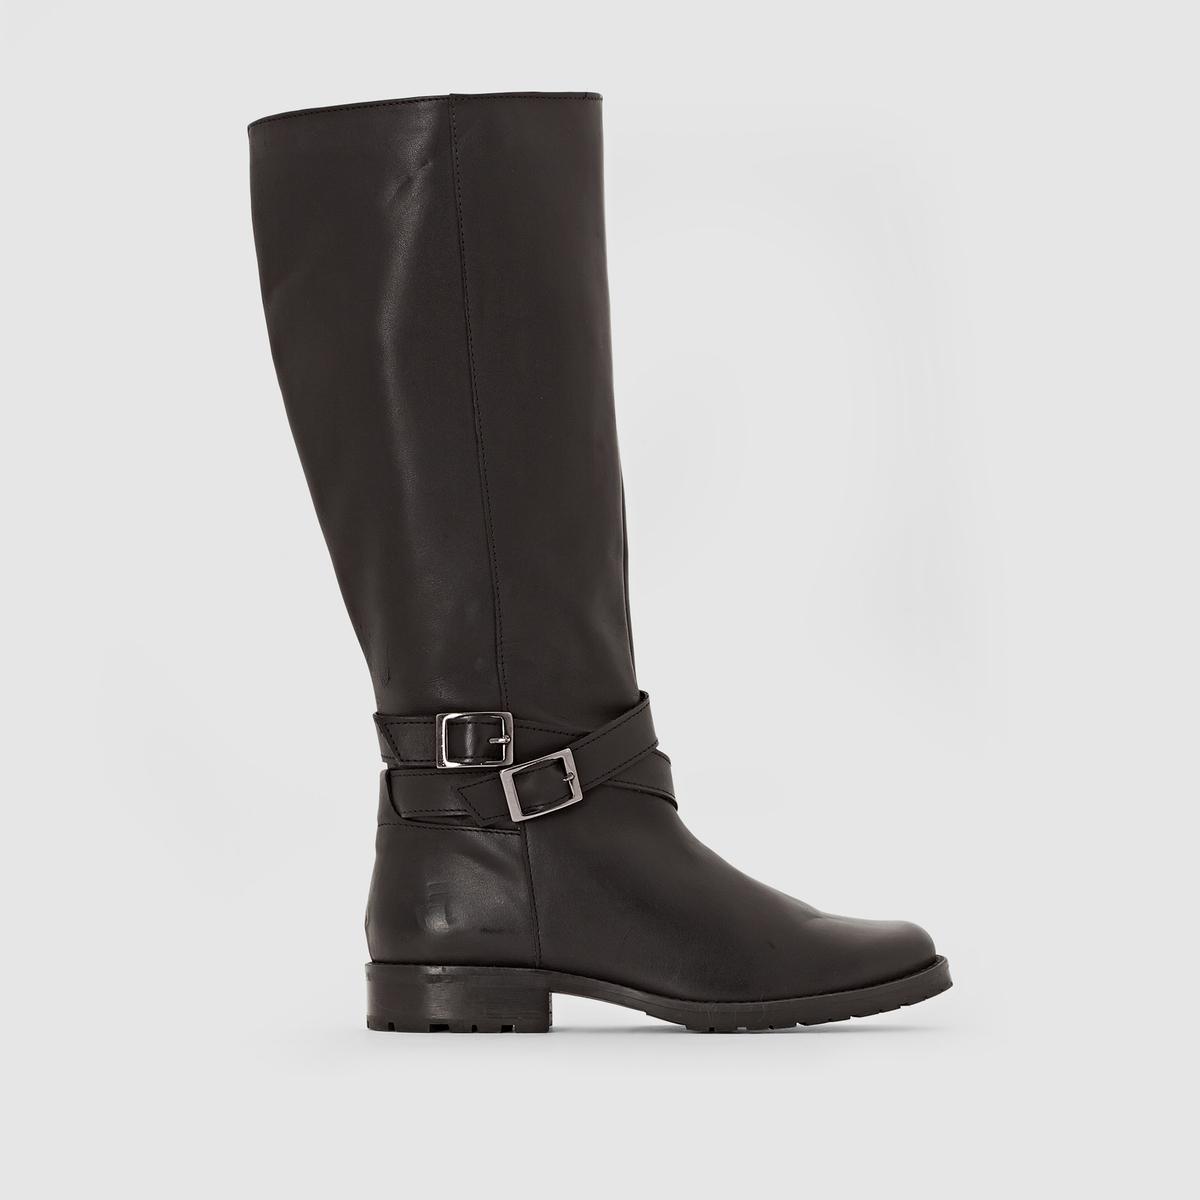 Сапоги кожаные с ремешками для широкой стопы, размер 38-45 от CASTALUNA